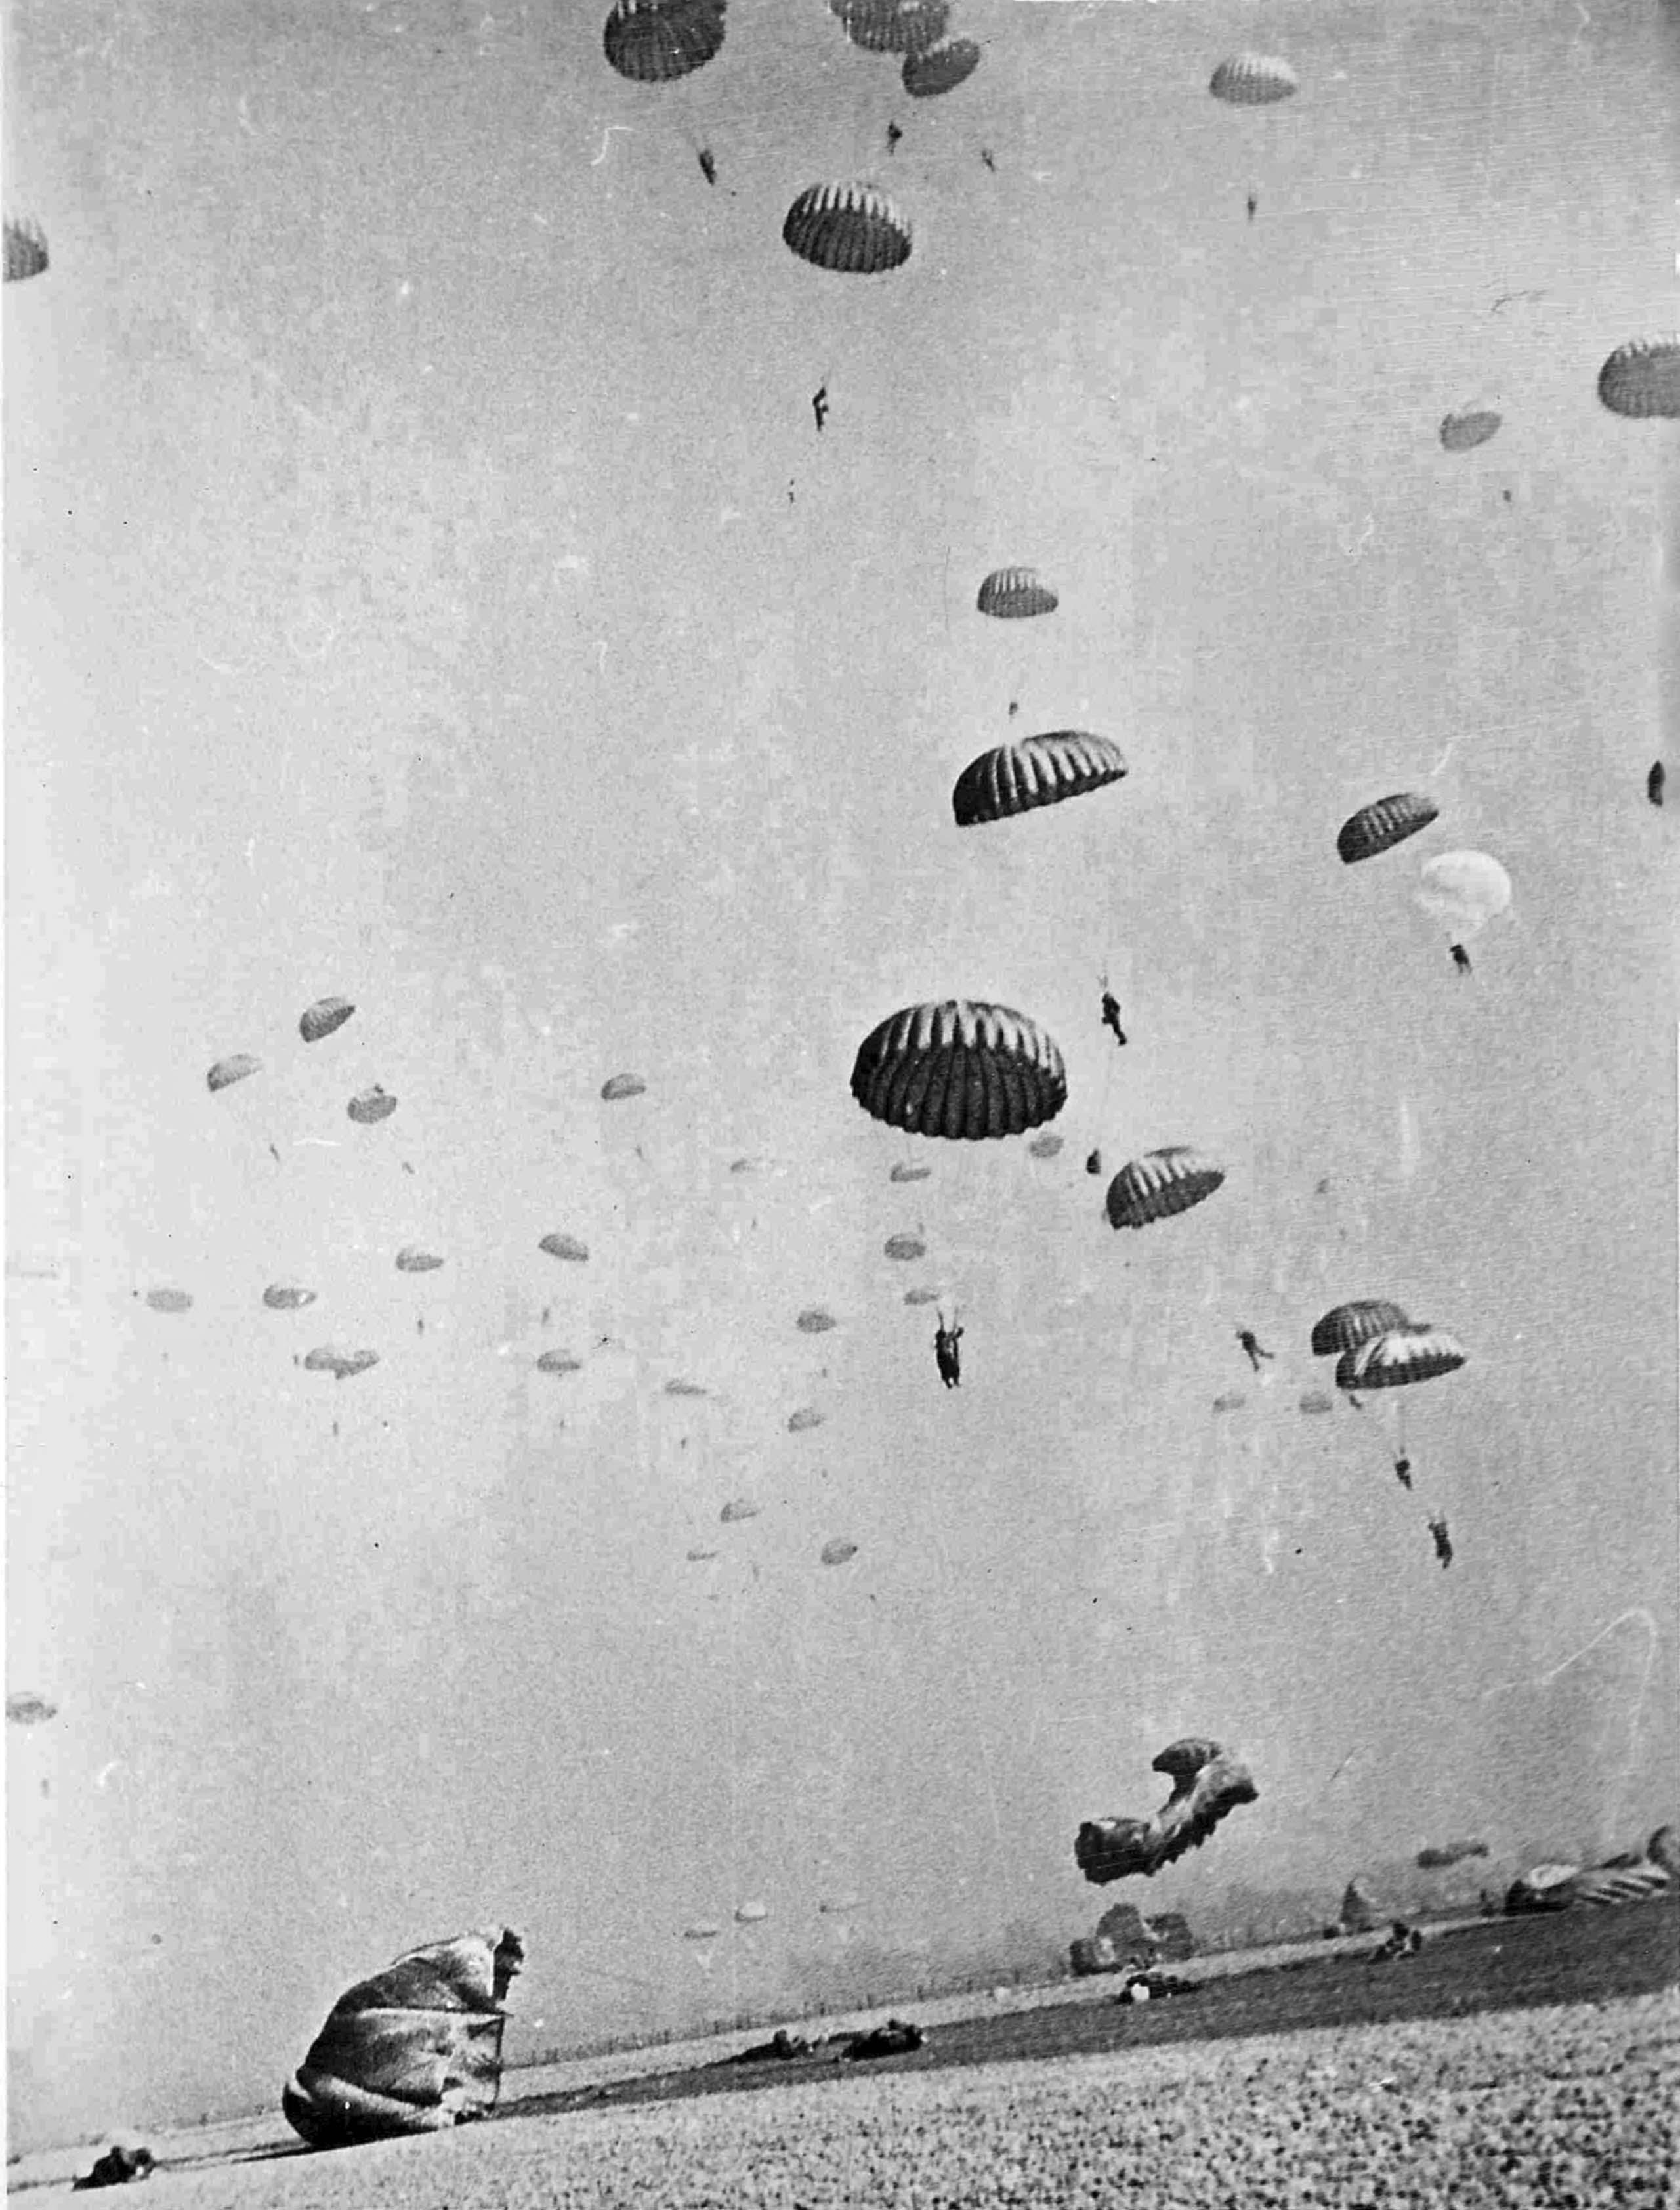 Airborne Allies